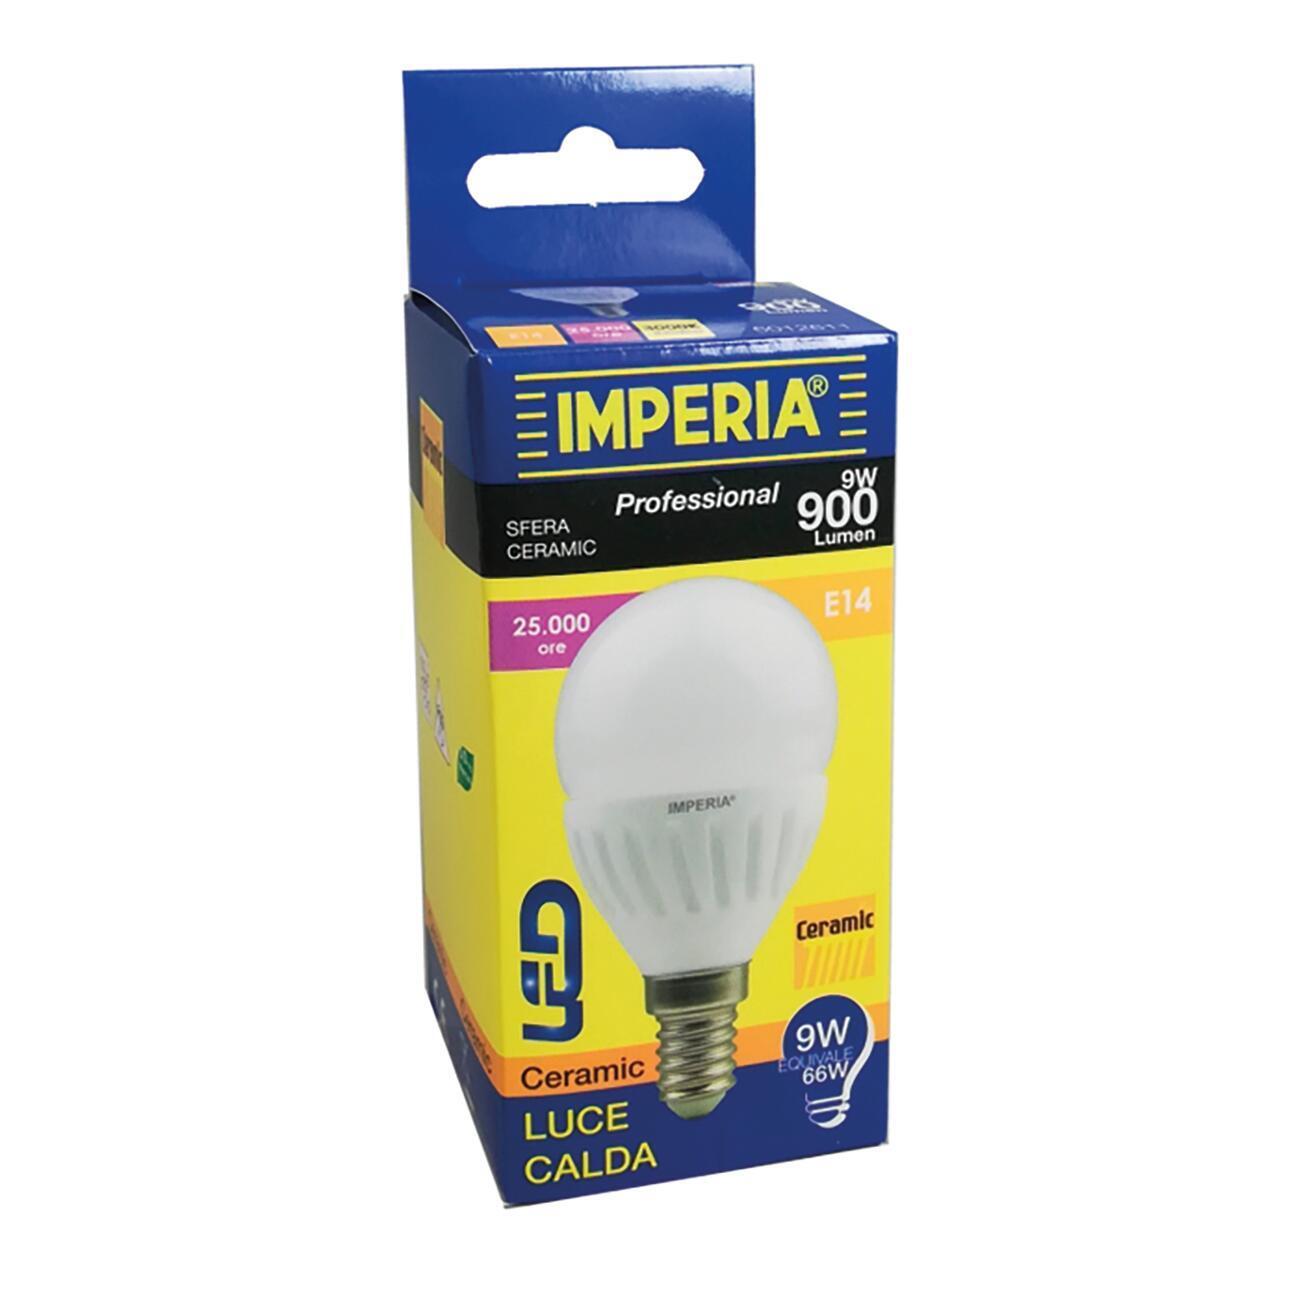 Lampadina LED, E14, Sferico, Opaco, Luce calda, 9W=900LM (equiv 66 W), 200° , IMPERIA - 2